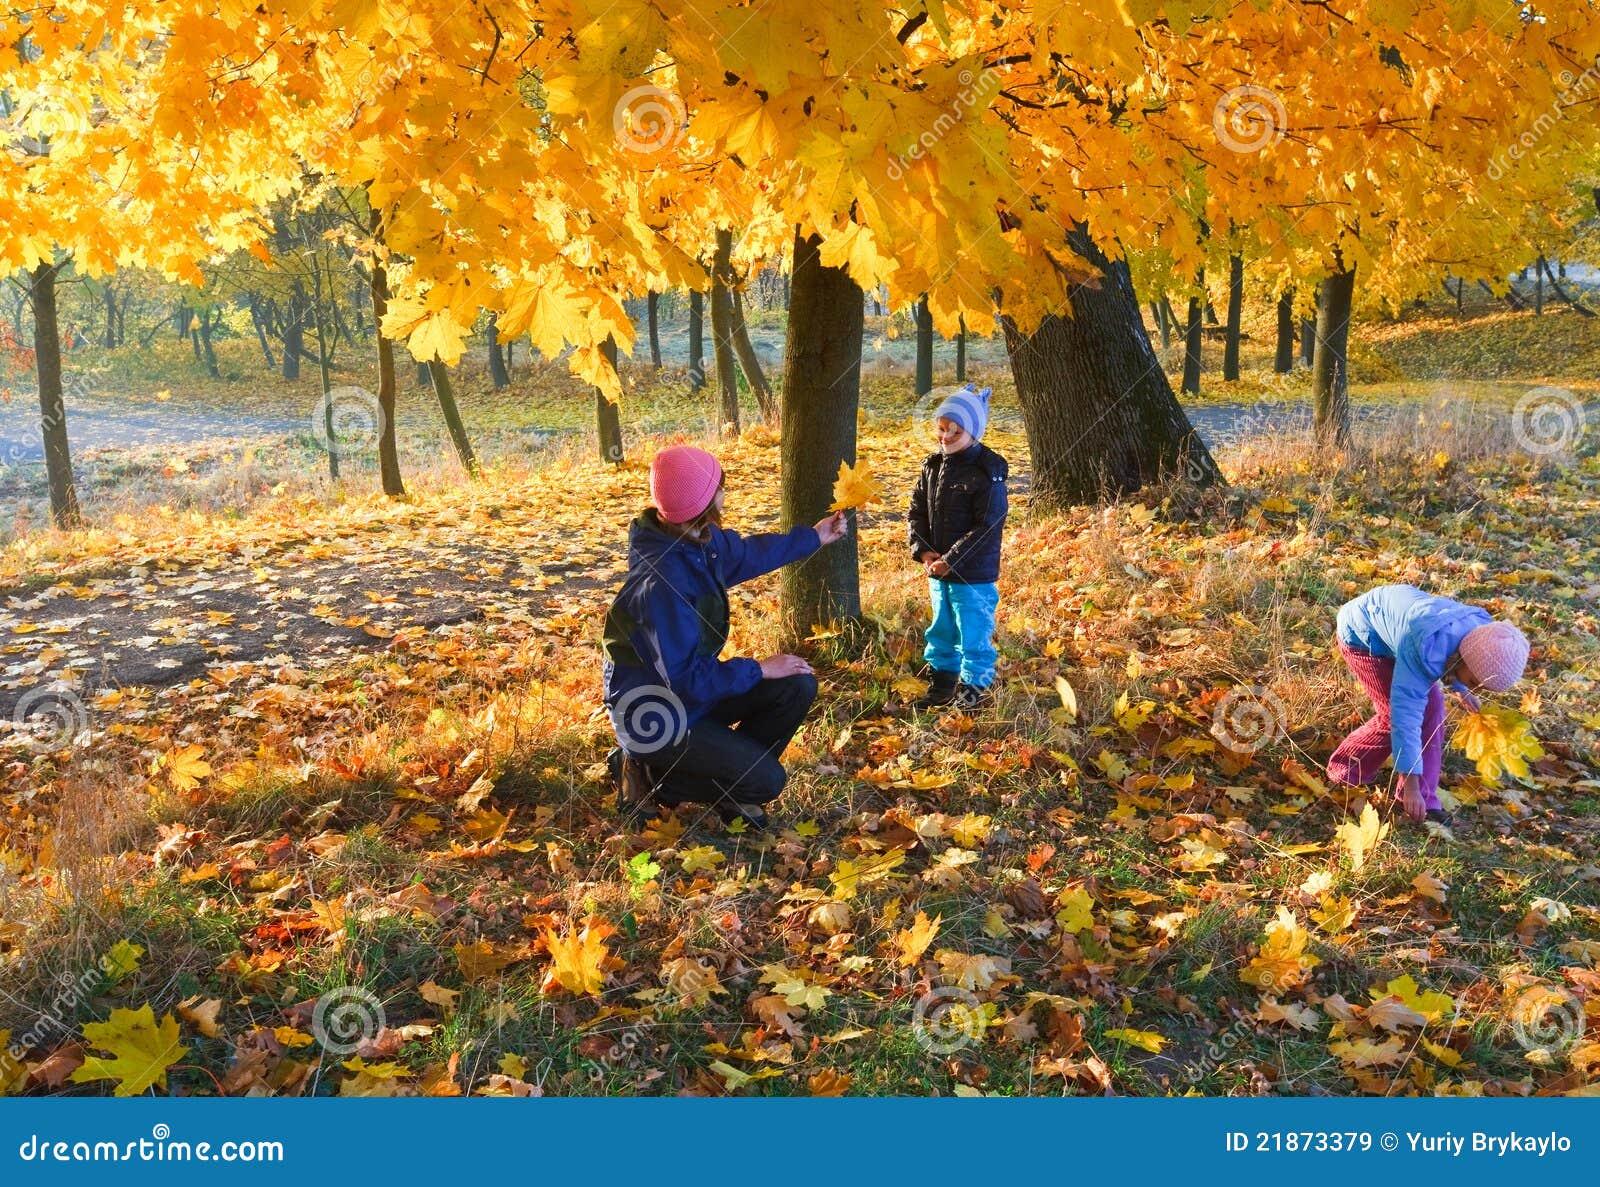 Фото дети гуляют осенью